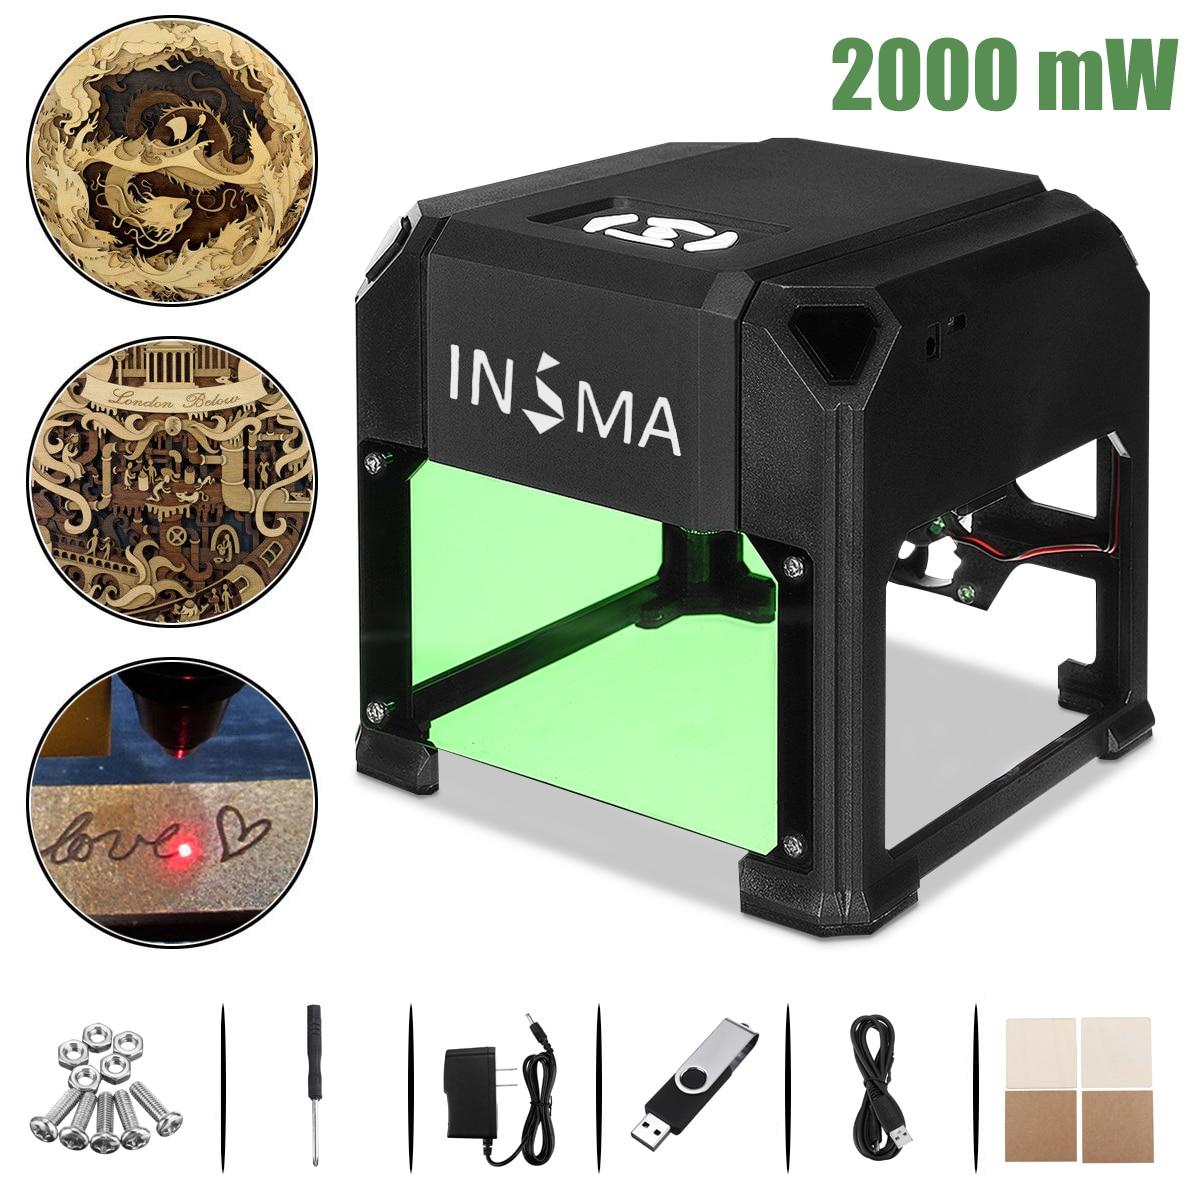 2000 mw del Laser di CNC Incisore FAI DA TE Logo Marchio Stampante Incisione Laser Macchina di Lavorazione Del Legno 80x80mm Incisione Gamma